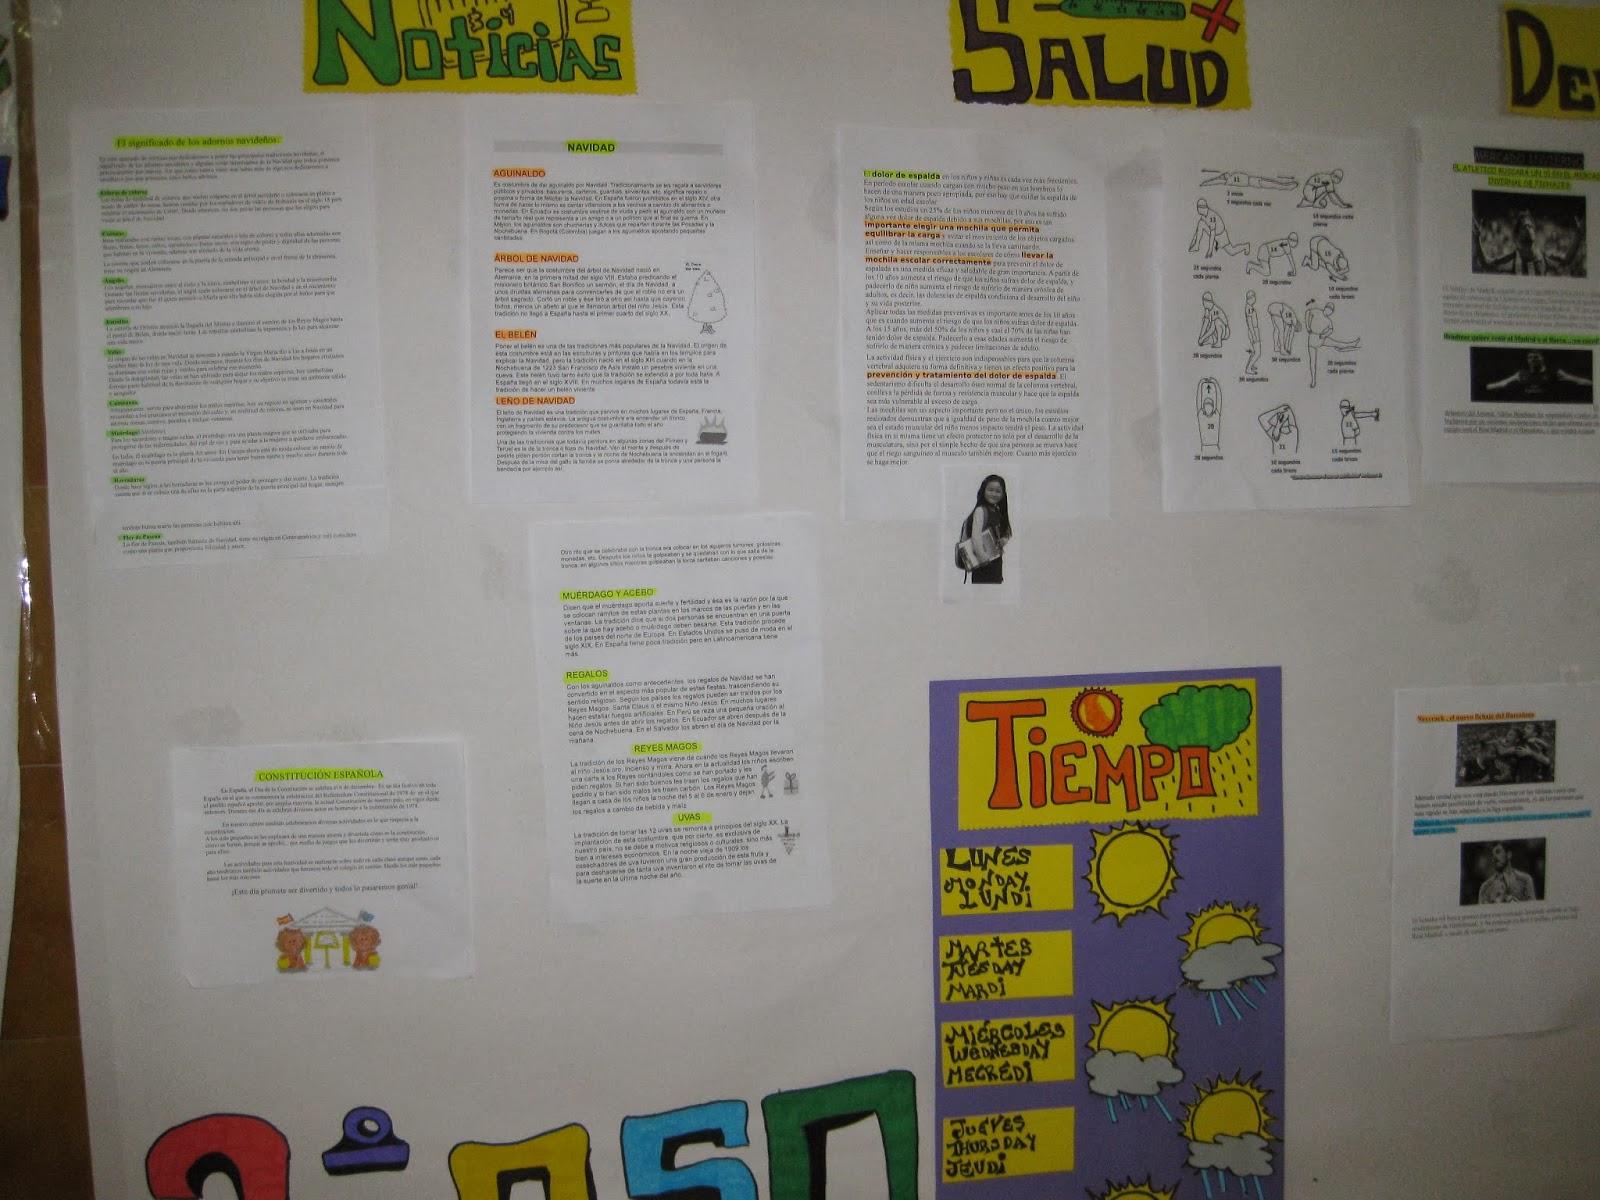 Biblioteca peri dico mural el aprendiz for Componentes de un periodico mural